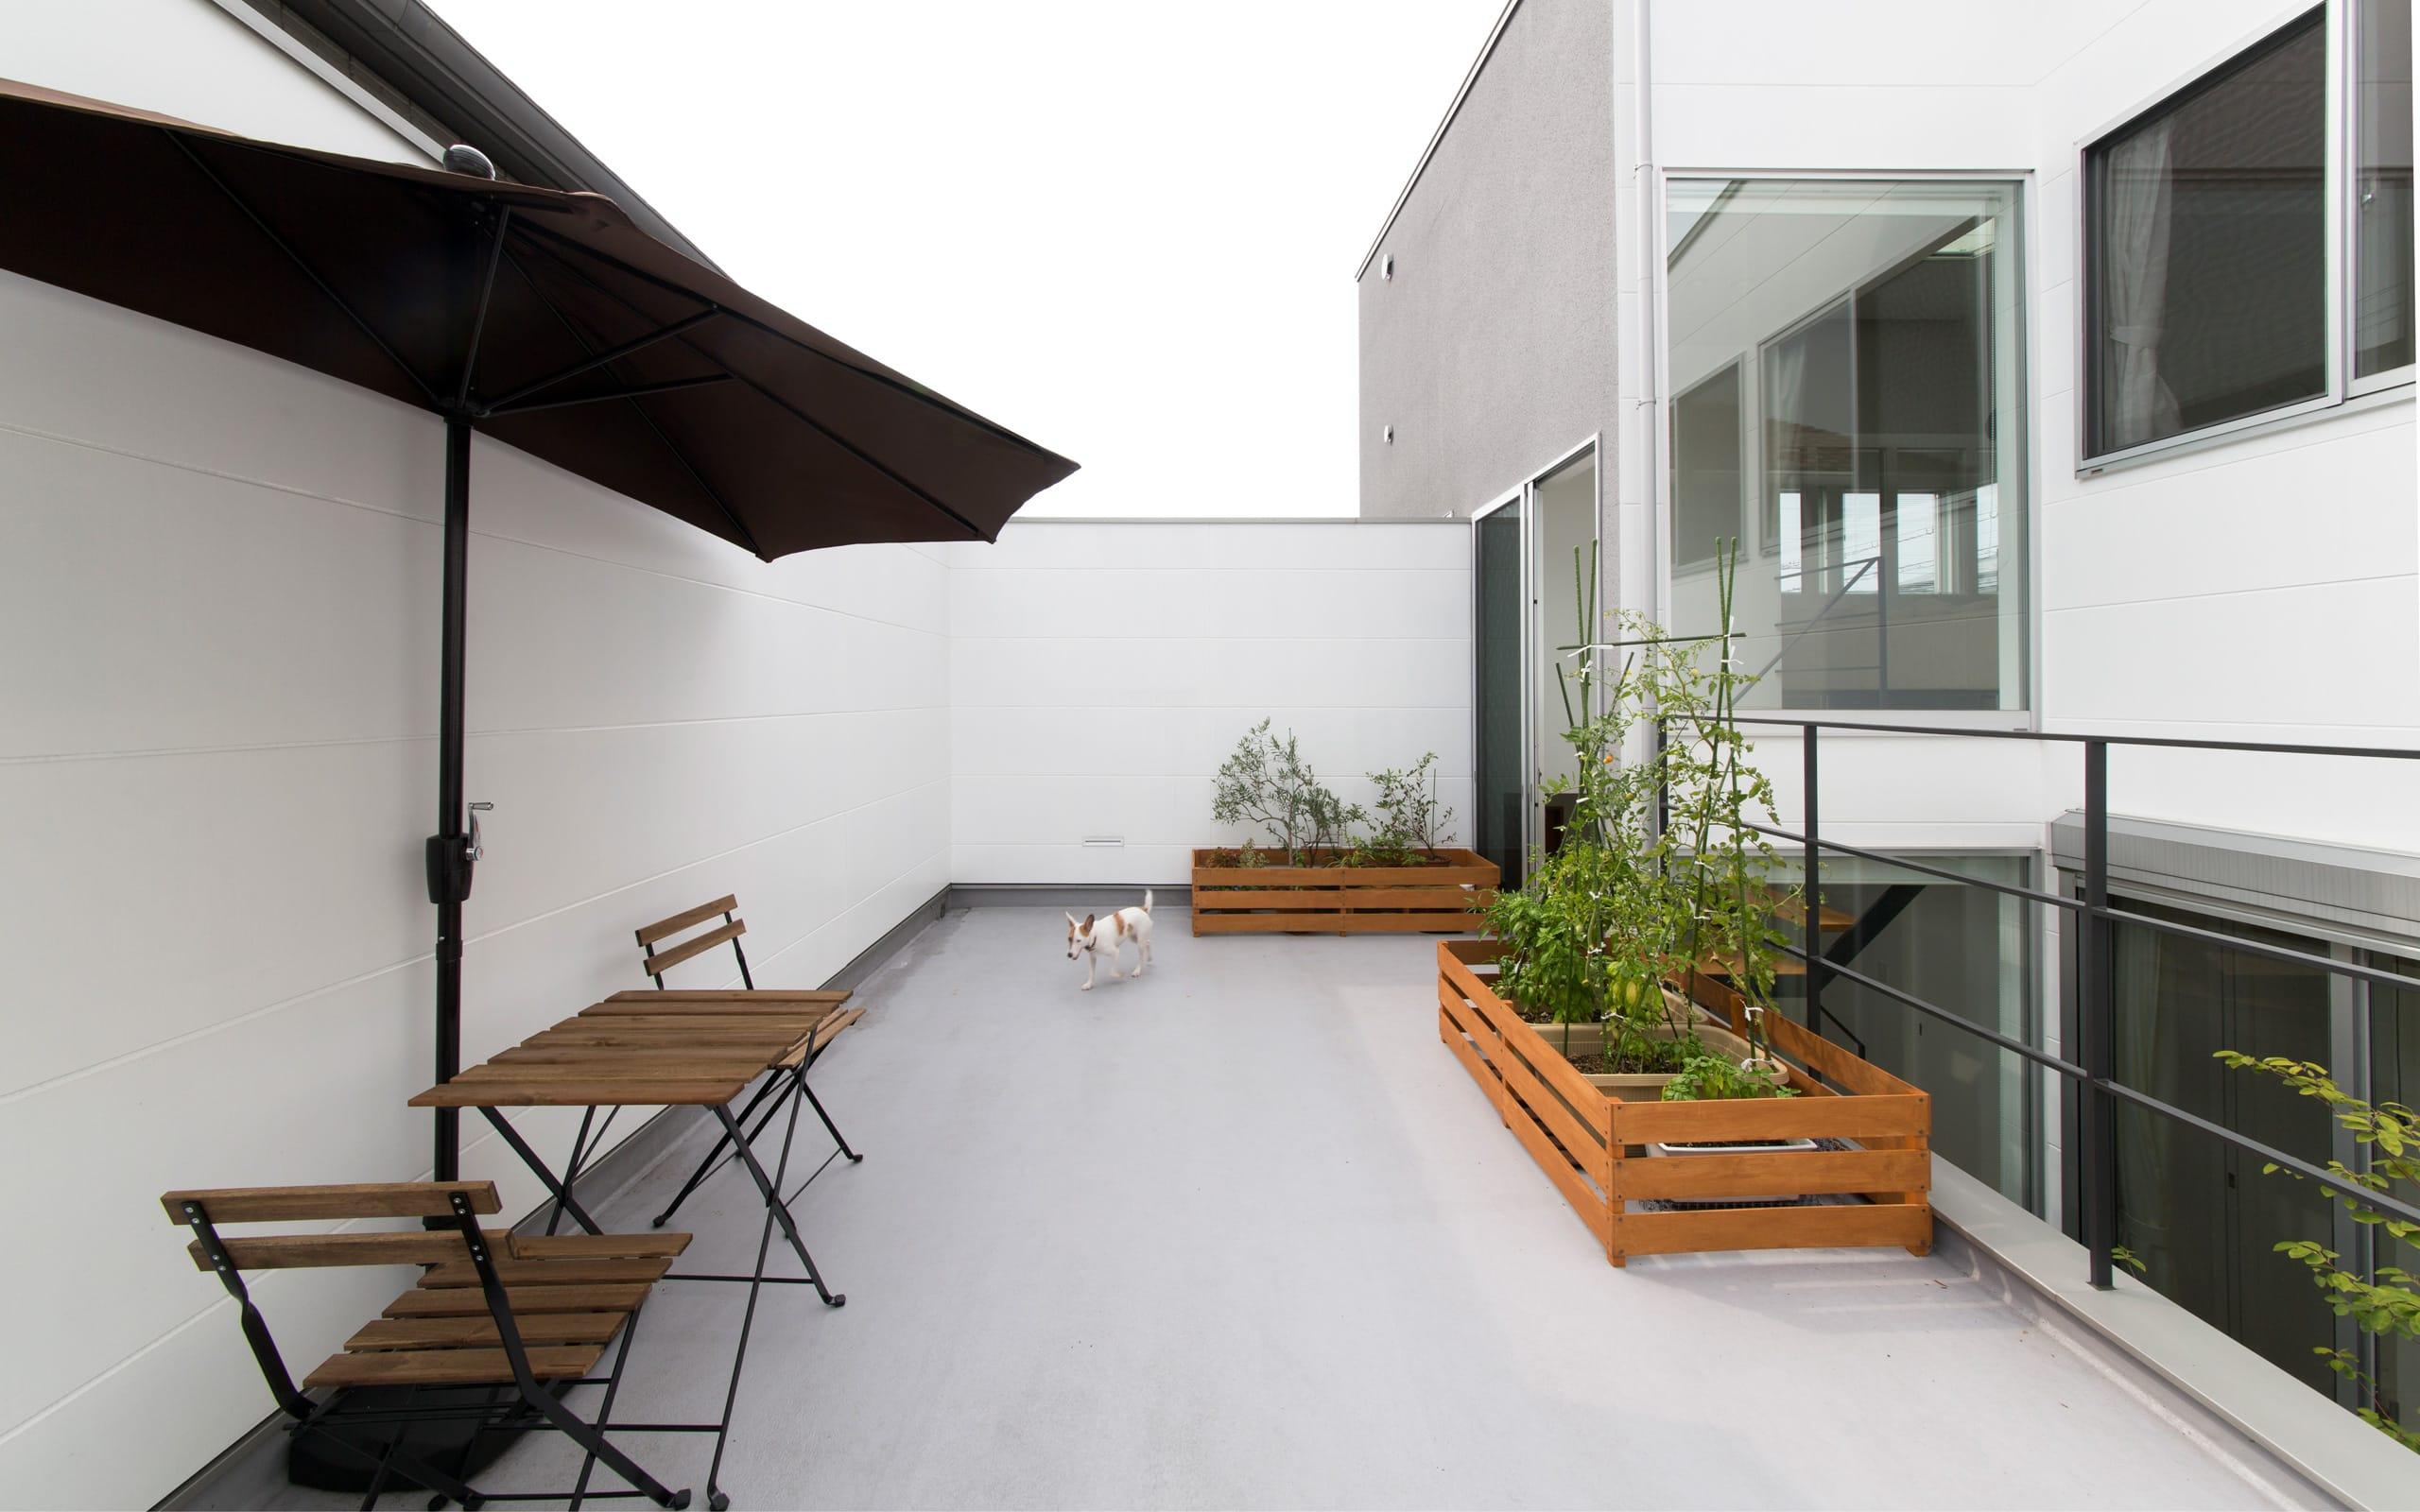 1.5階デッキのある家の外構(デッキテラス)1